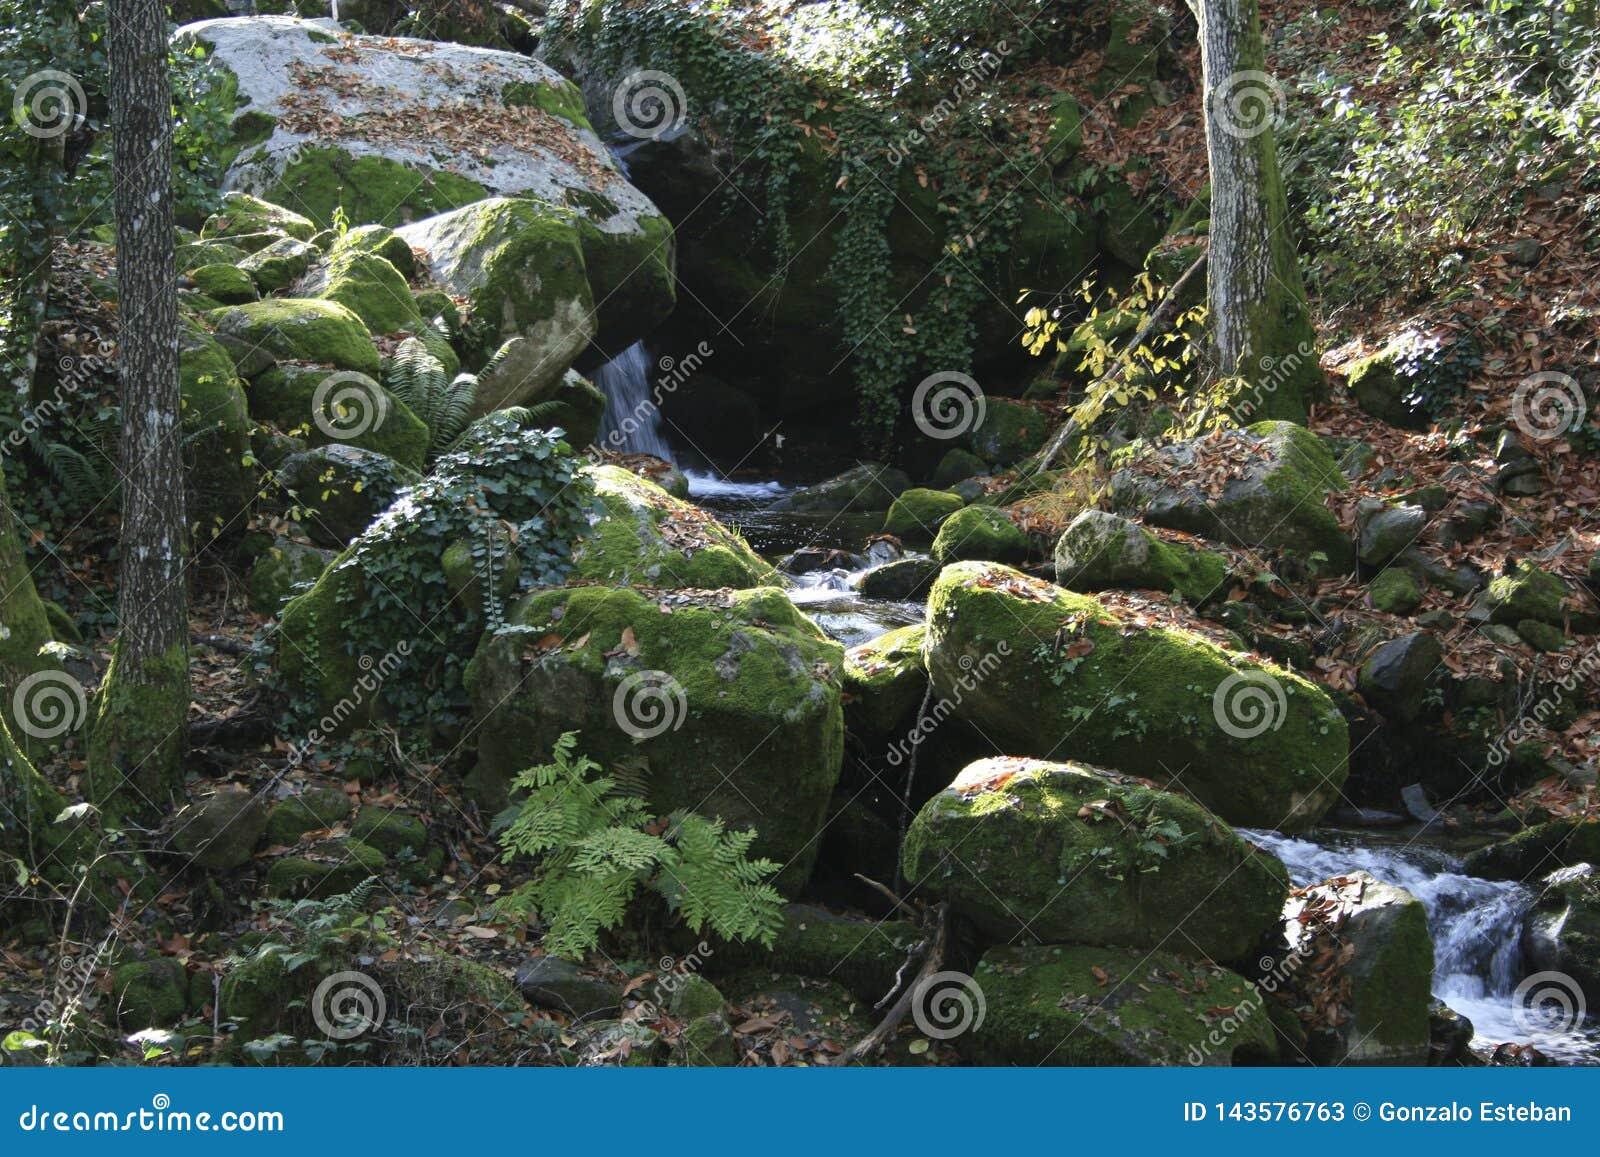 Moss in the rocks